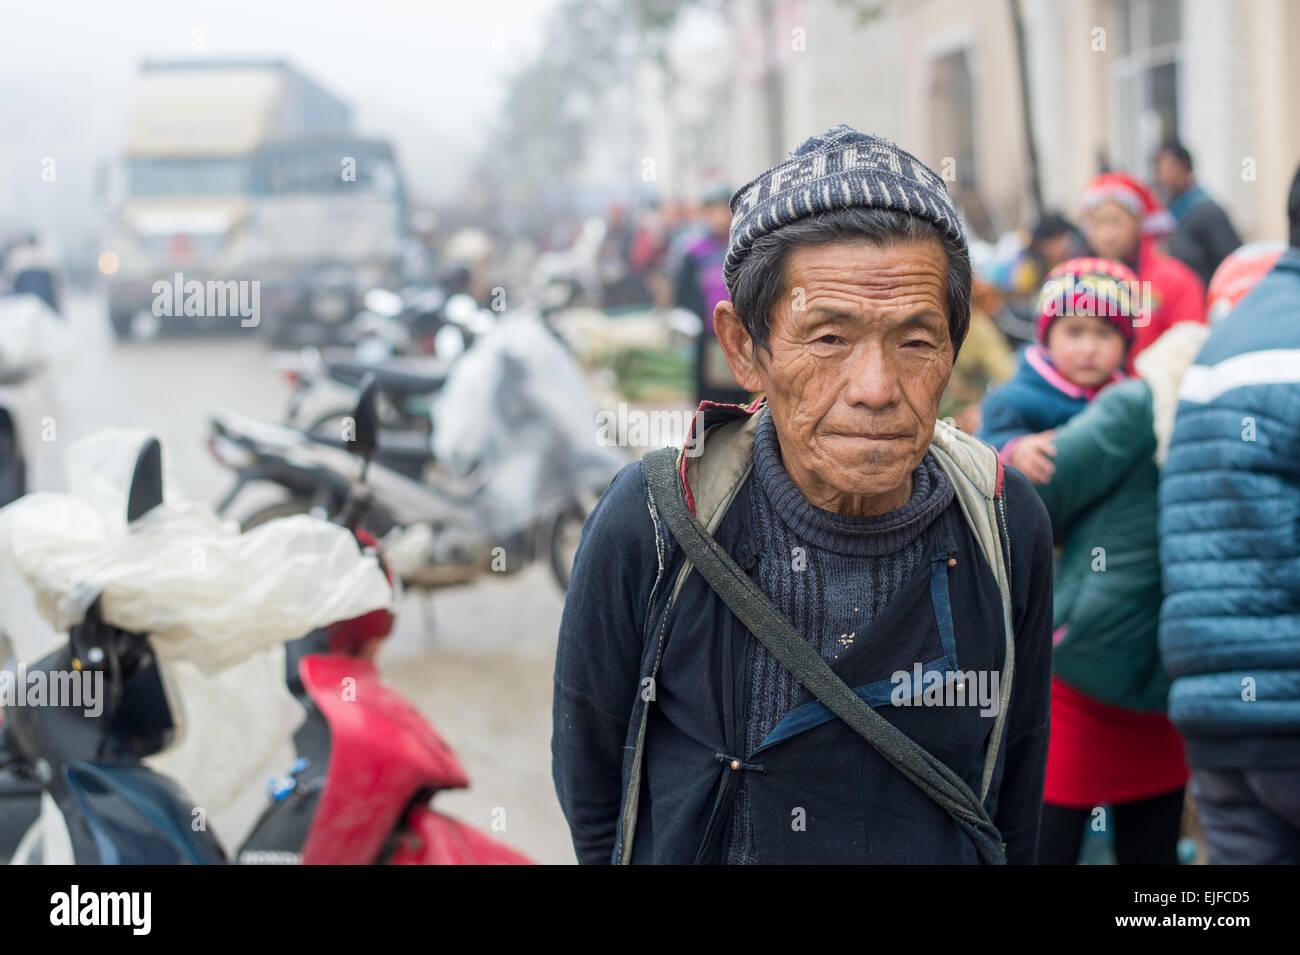 Hmong man at a market in Sapa, Vietnam - Stock Image